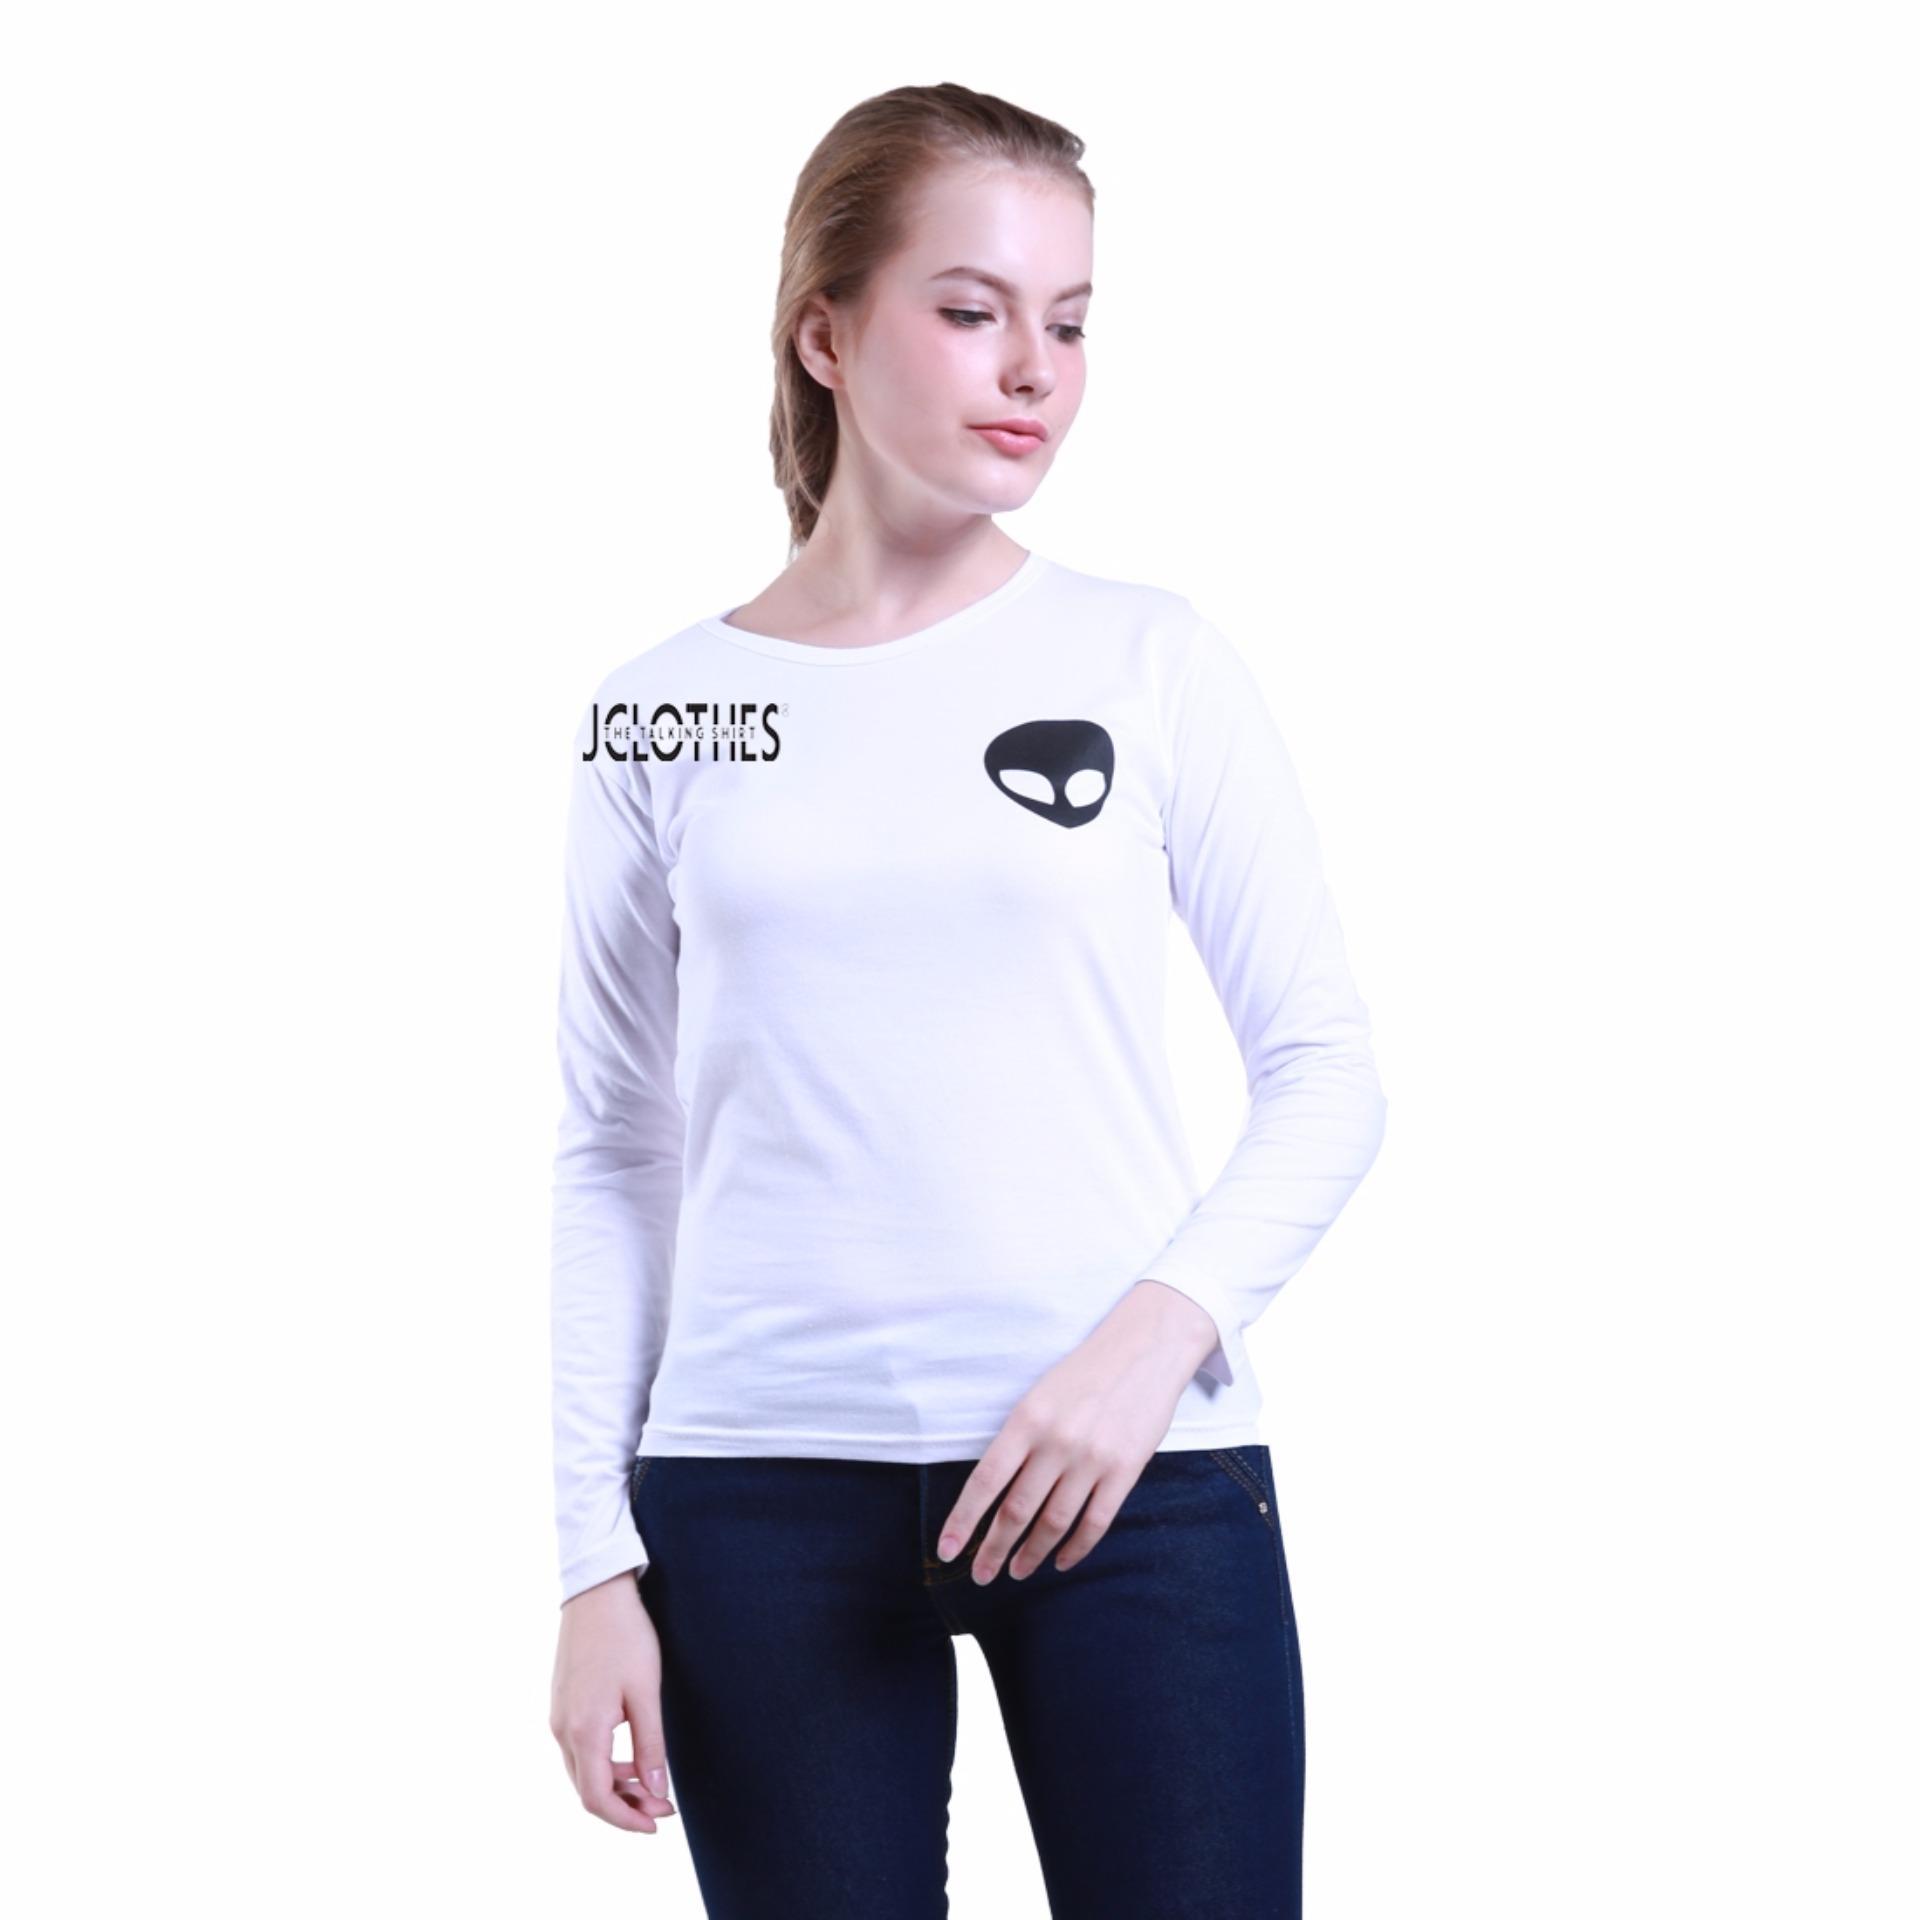 ... JCLOTHES Tumblr Tee / Kaos Cewe / Kaos Lengan Panjang Wanita Alien - Putih ...